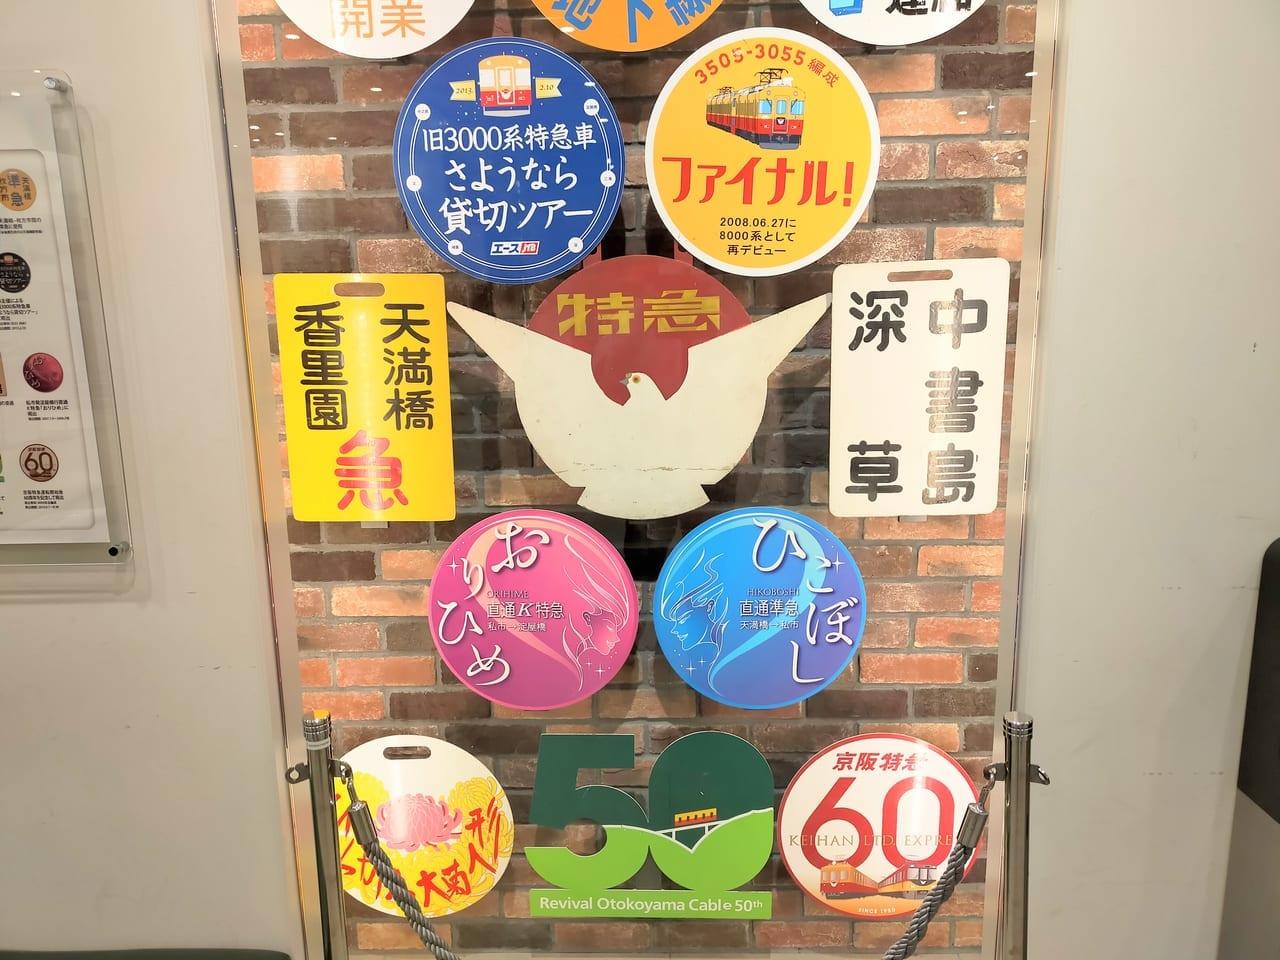 京阪電車開業111周年記念